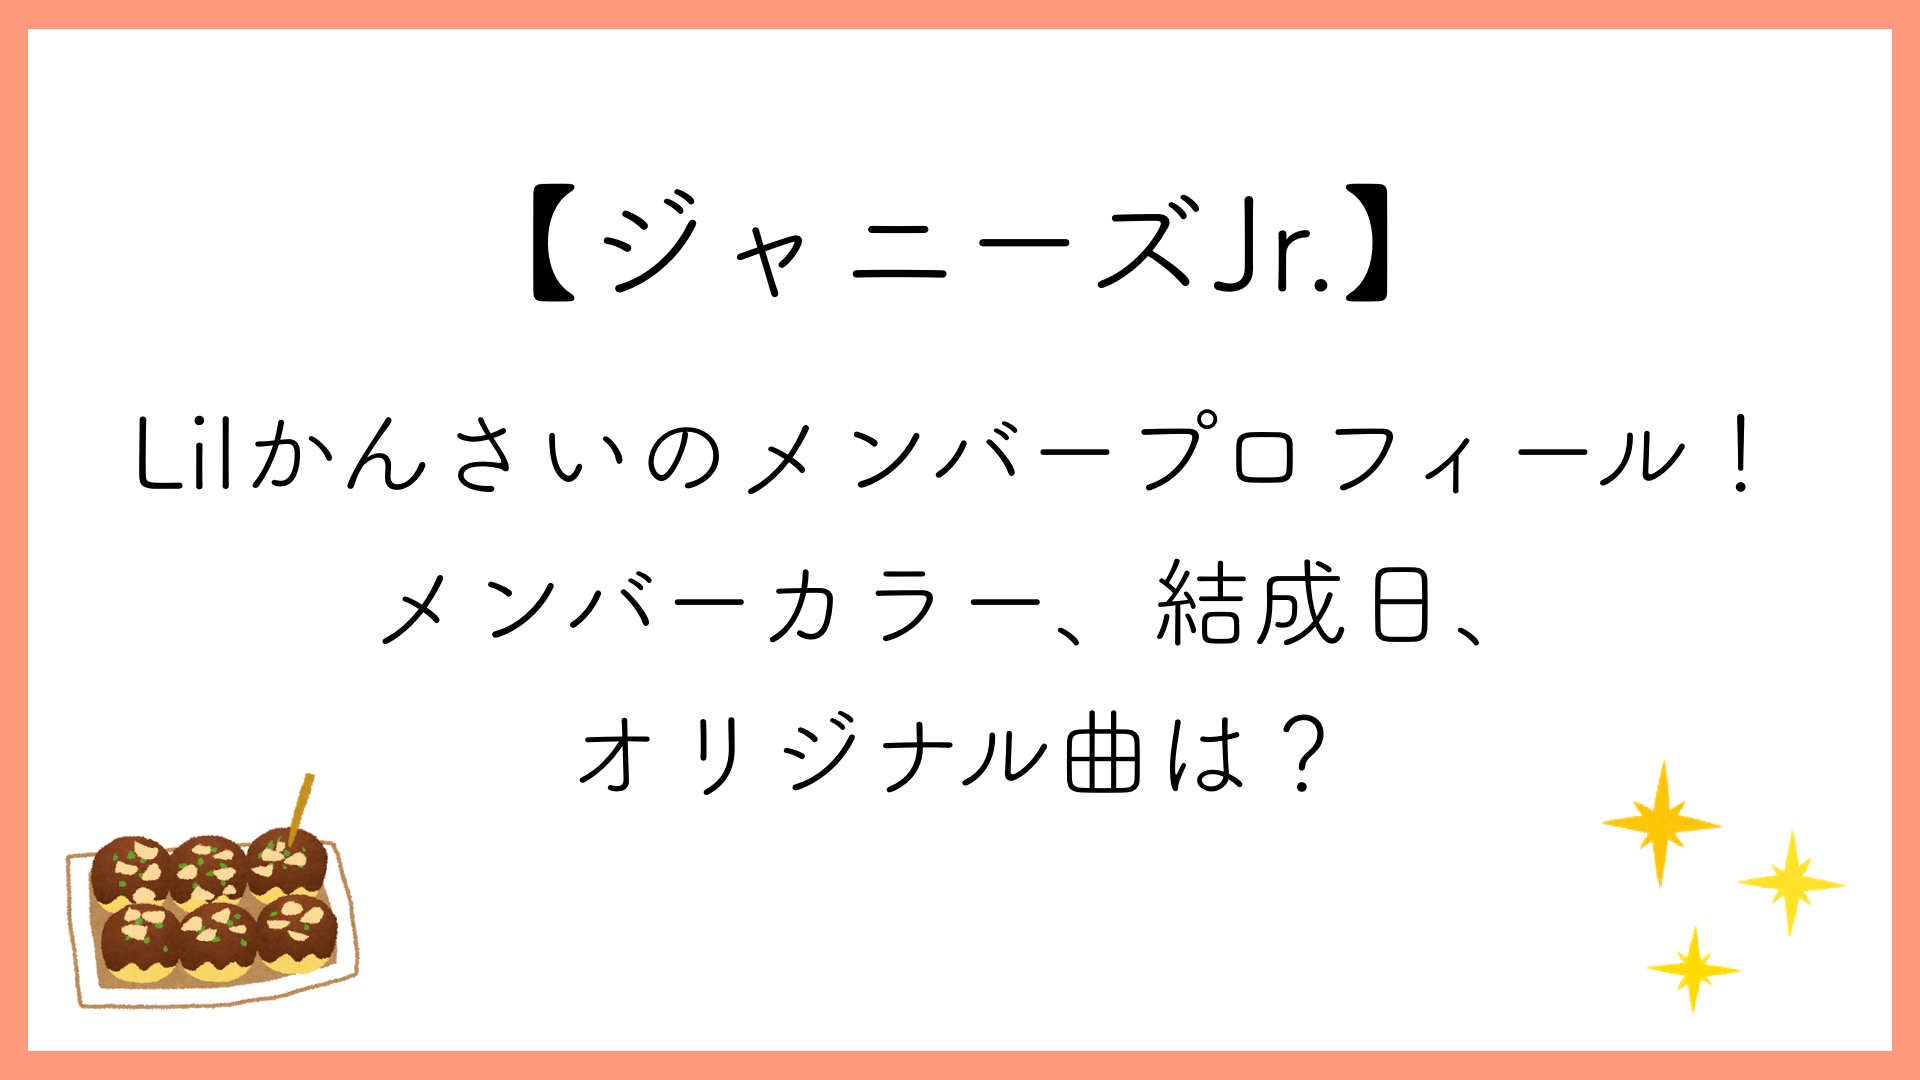 【ジャニーズJr.】Lilかんさいメンバープロフィール!メンバーカラー、結成日、オリジナル曲は?